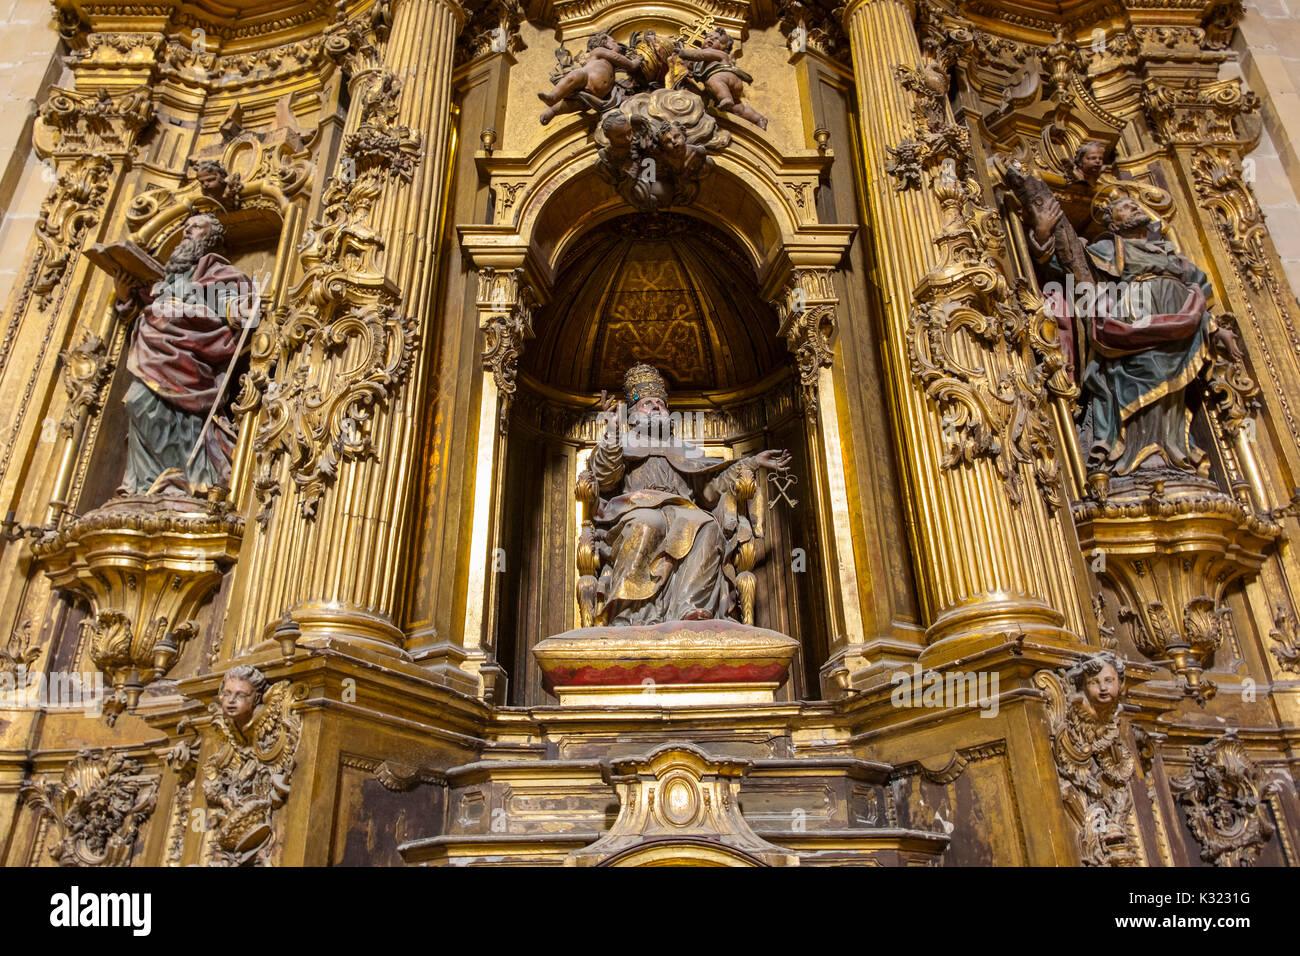 Santa María del Coro Basilica church, Baroque style, Old Town, San Sebastián, Donostia, Guipuzcoa, Basque Country, Spain Europe - Stock Image